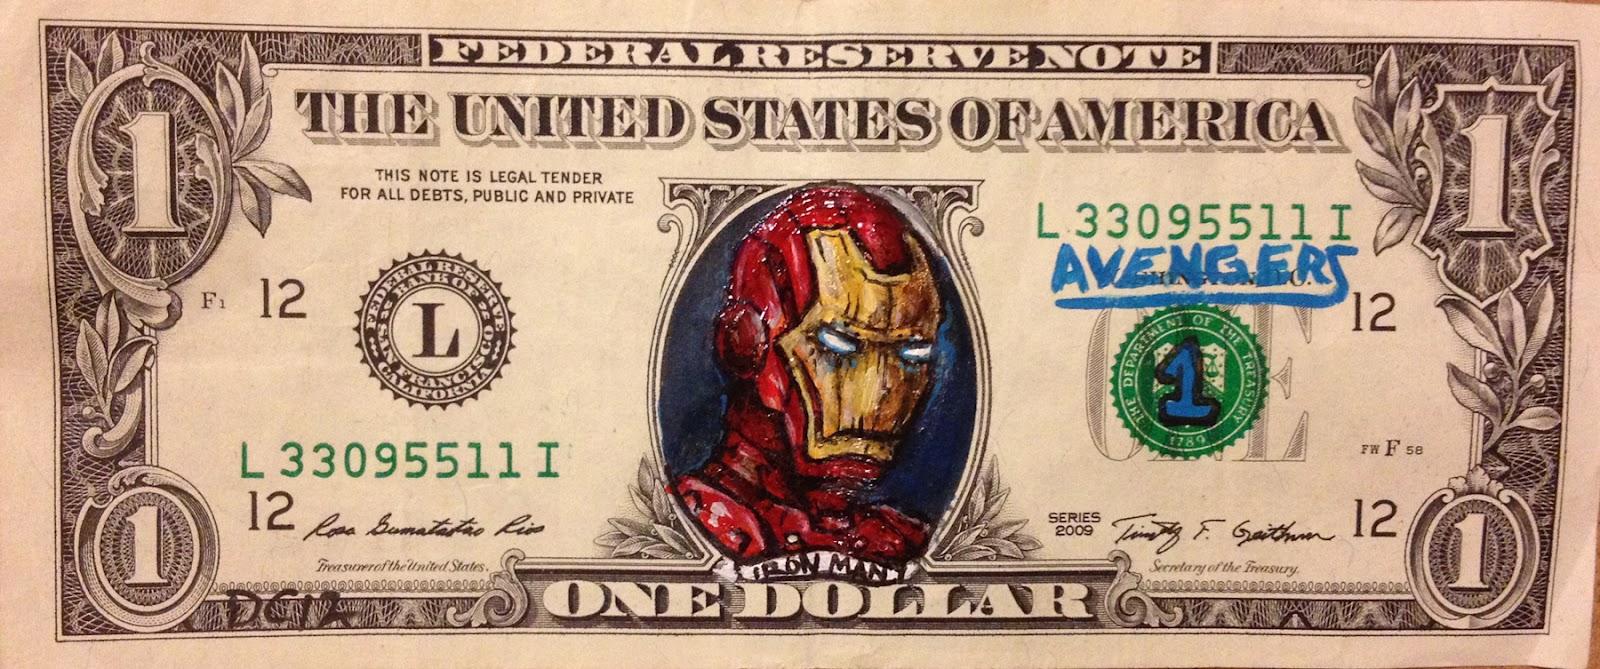 Avengers vs. X-Men 2